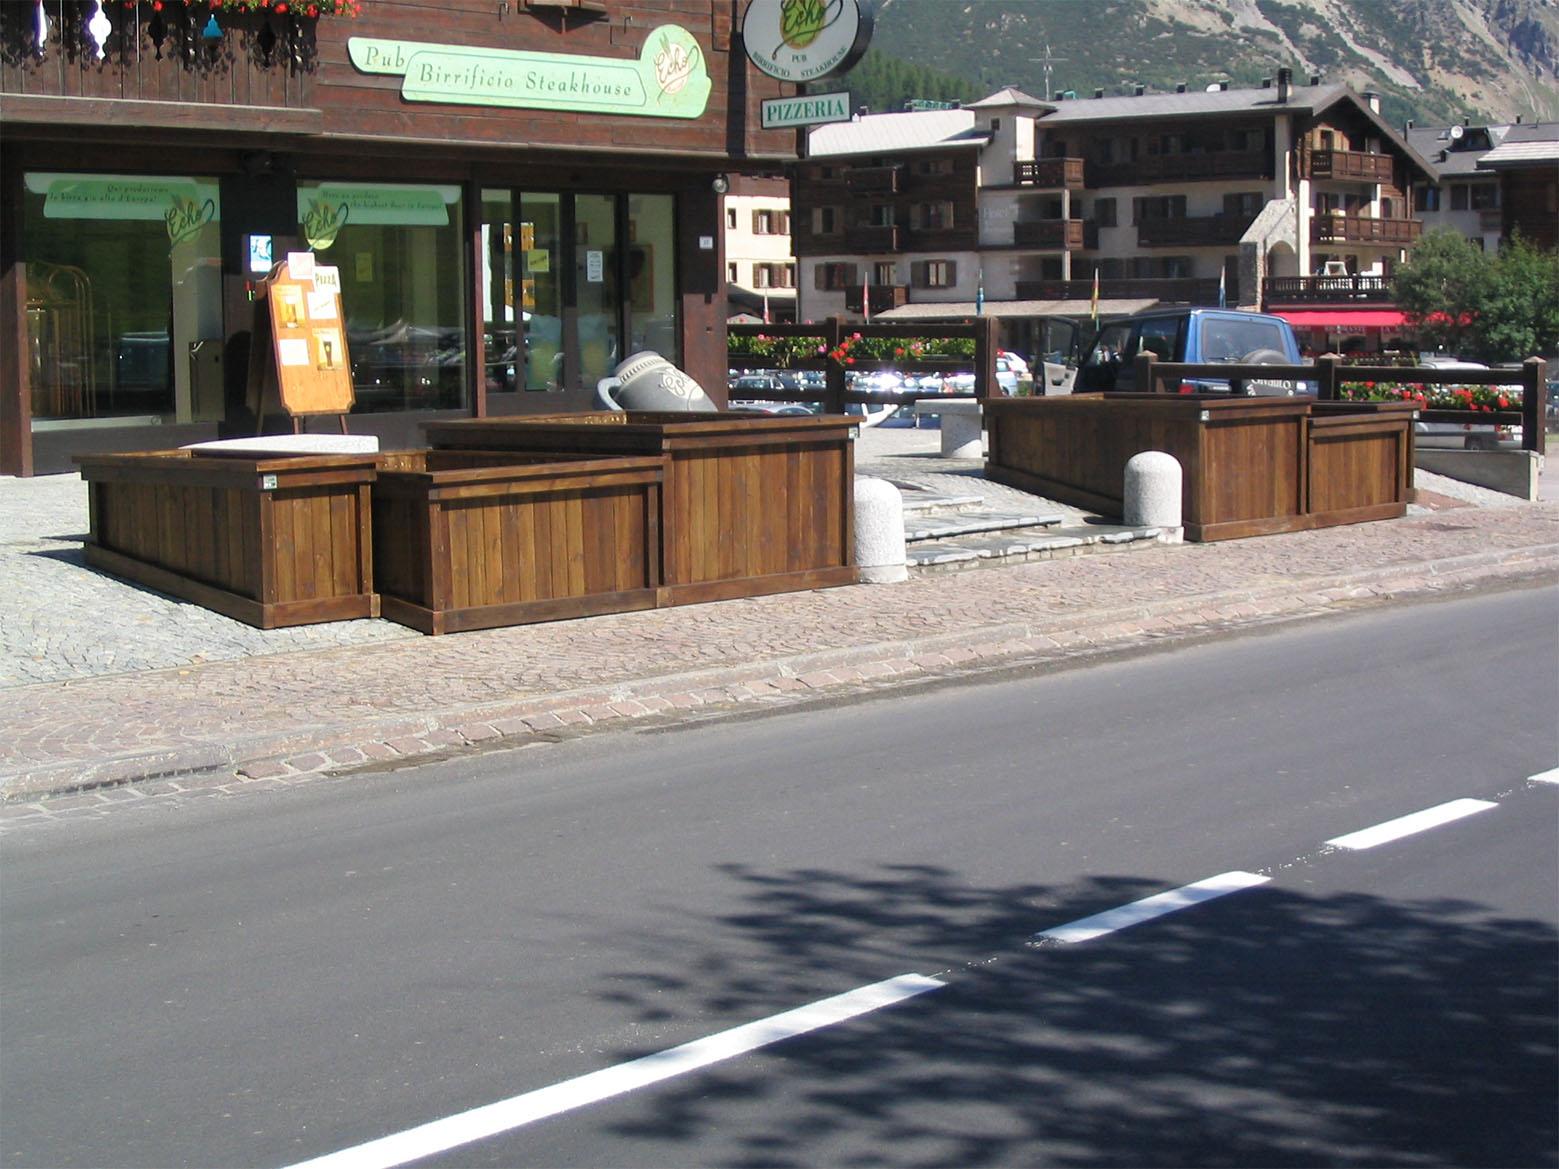 Fioriere in legno di pino nordico impregnato in autoclave realizzato da Linea Montanalegno - ILT